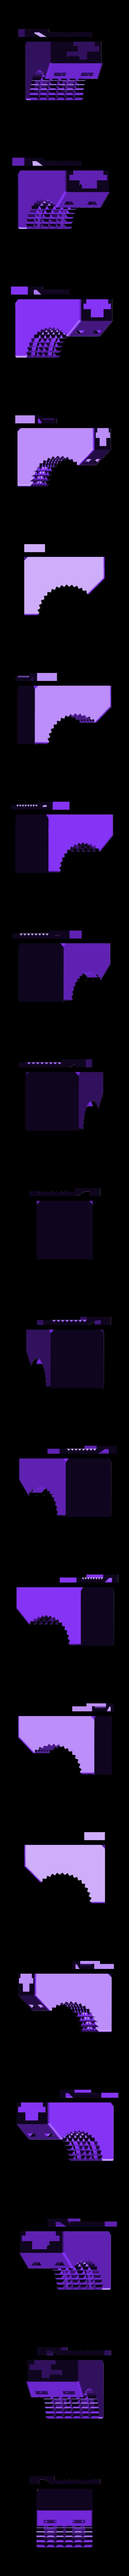 25mm_snapfit_handle_base_remix.stl Télécharger fichier STL gratuit poignée encliquetable pour montage sur barre (moletée, 22mm-34mm) • Objet imprimable en 3D, CyberCyclist